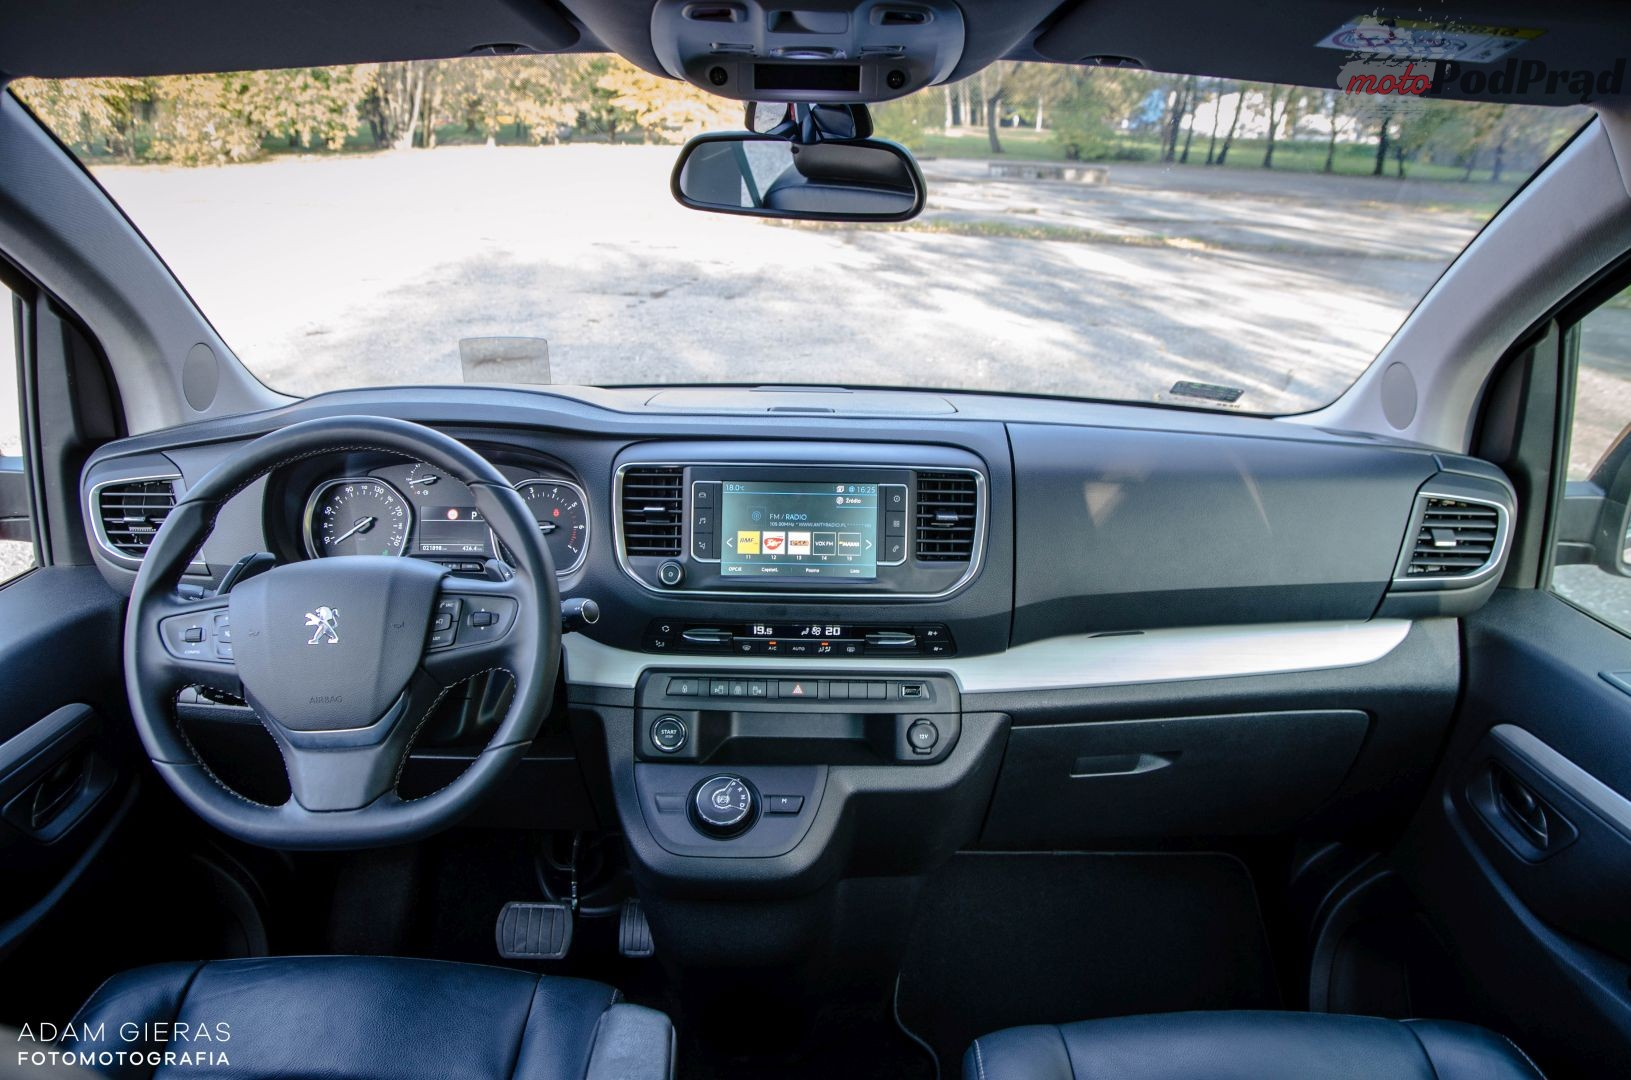 Peugeot Traveller 23 Test: Peugeot Traveller 2.0 BlueHDi Allure   na koniec świata i jeszcze dalej?